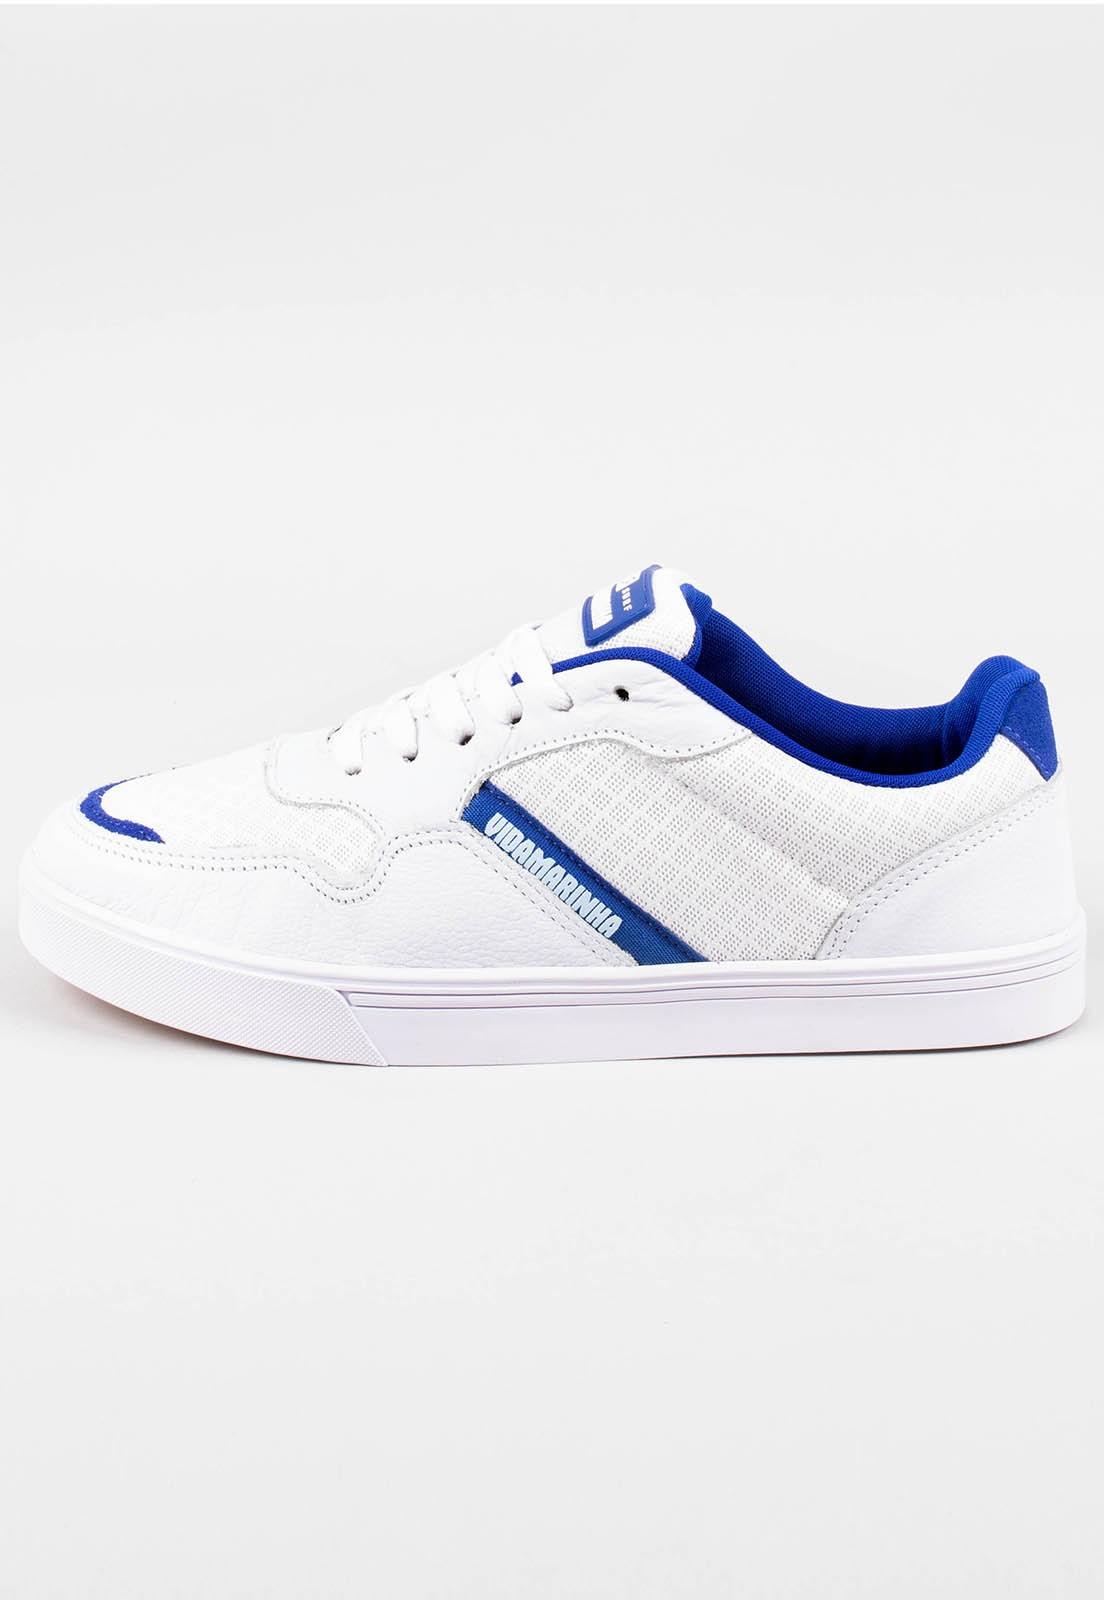 Tênis Vida Marinha Floripa Branco/Azul